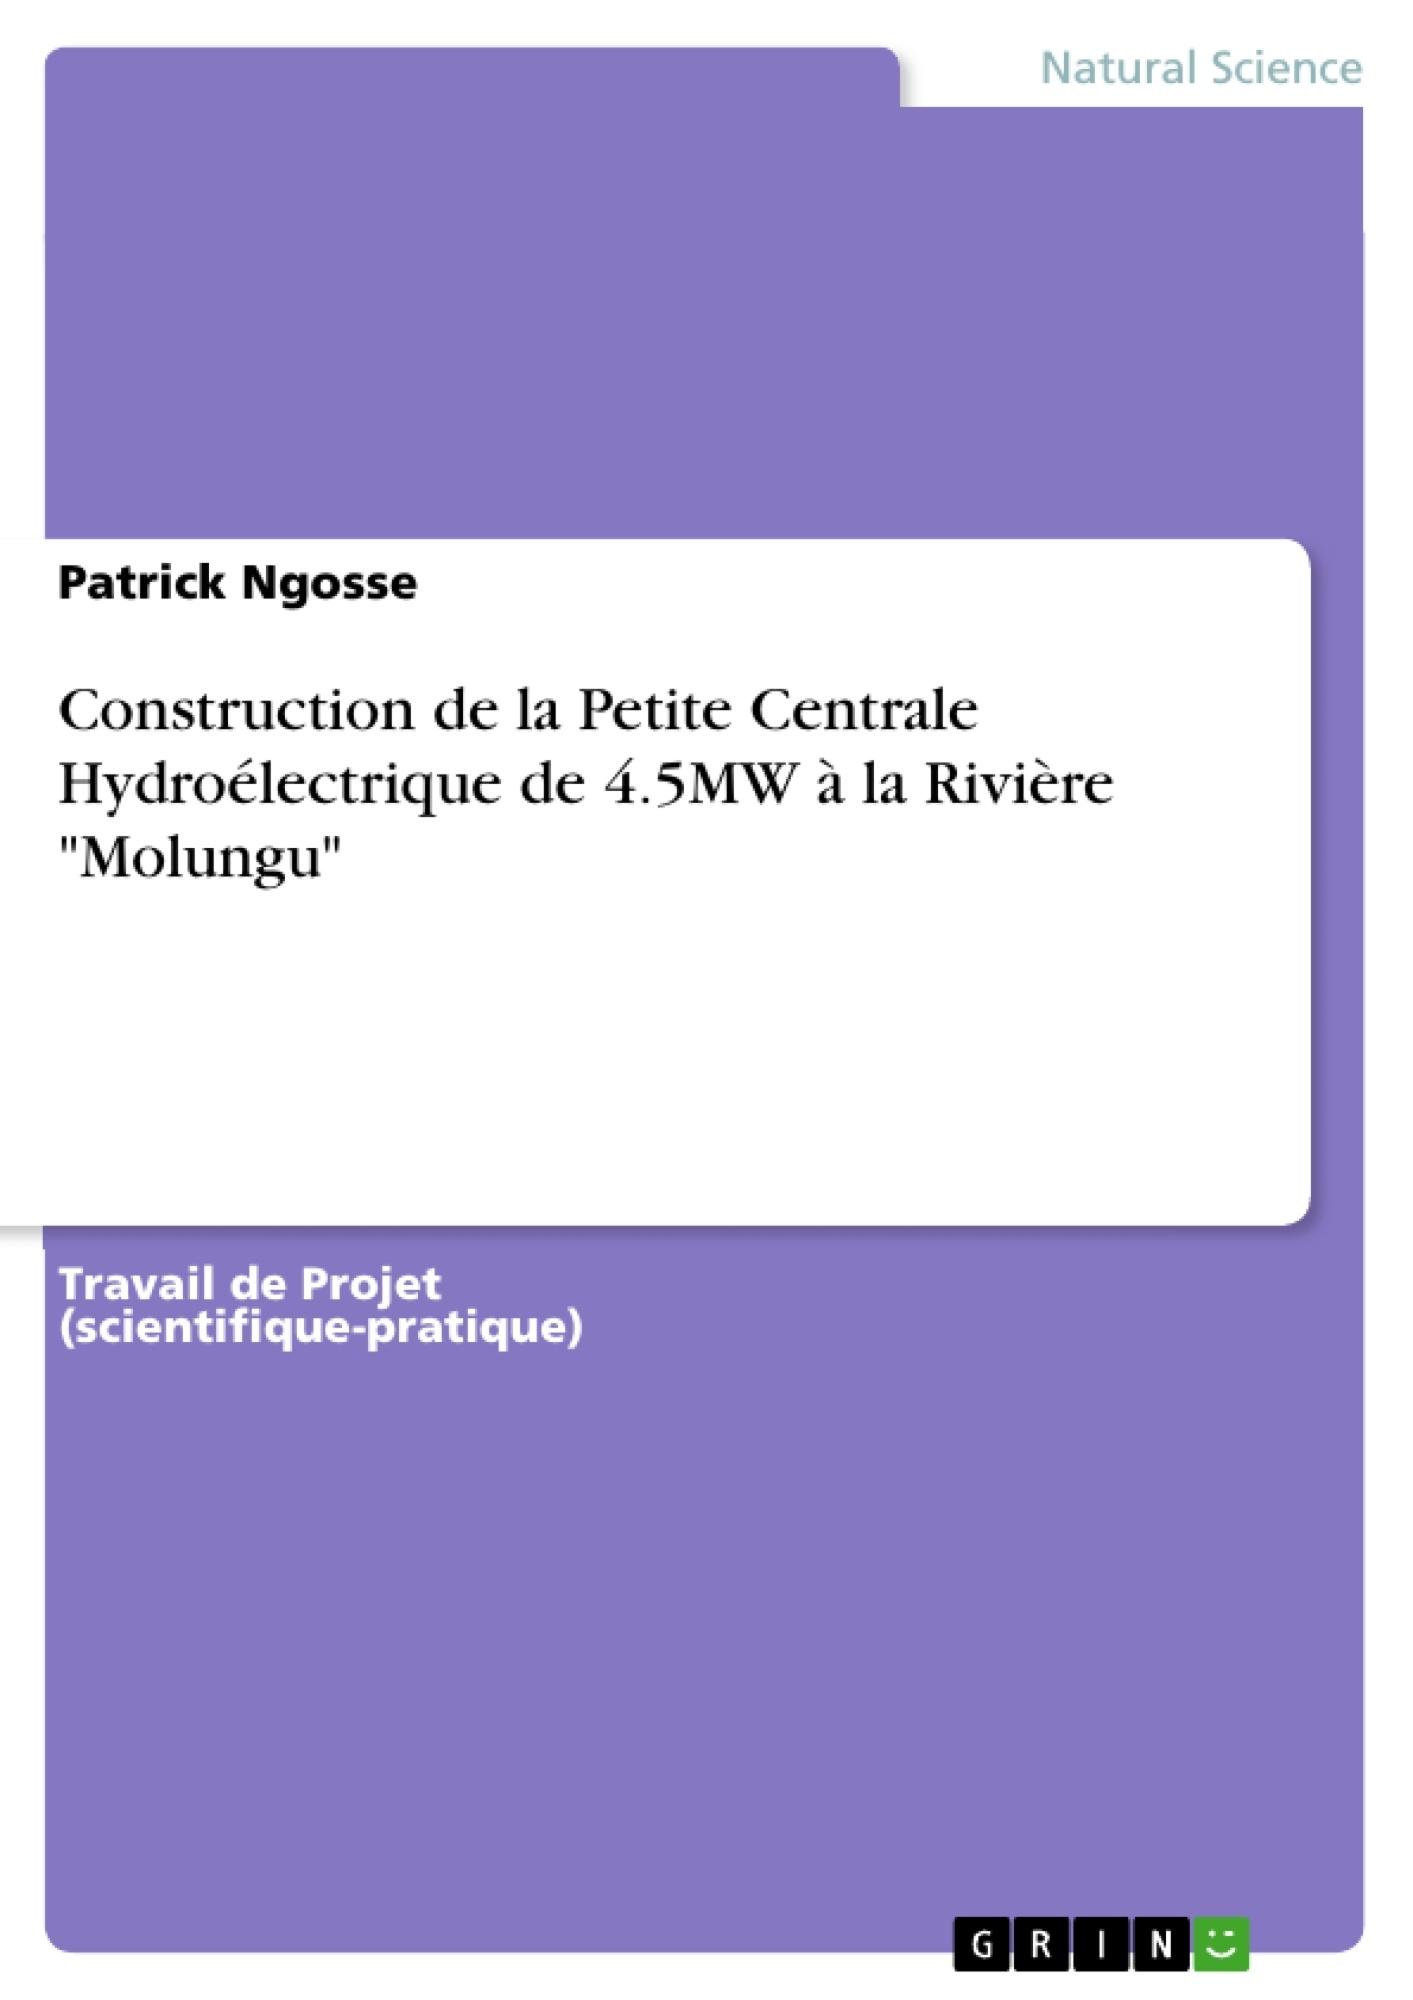 """Titre: Construction de la Petite Centrale Hydroélectrique de 4.5MW à la Rivière """"Molungu"""""""